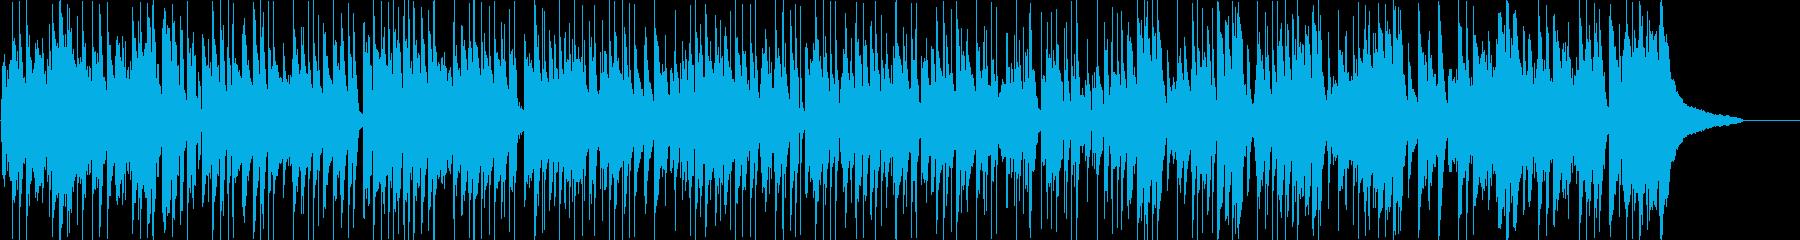 さわやかで使い勝手の良いポジティブピア…の再生済みの波形